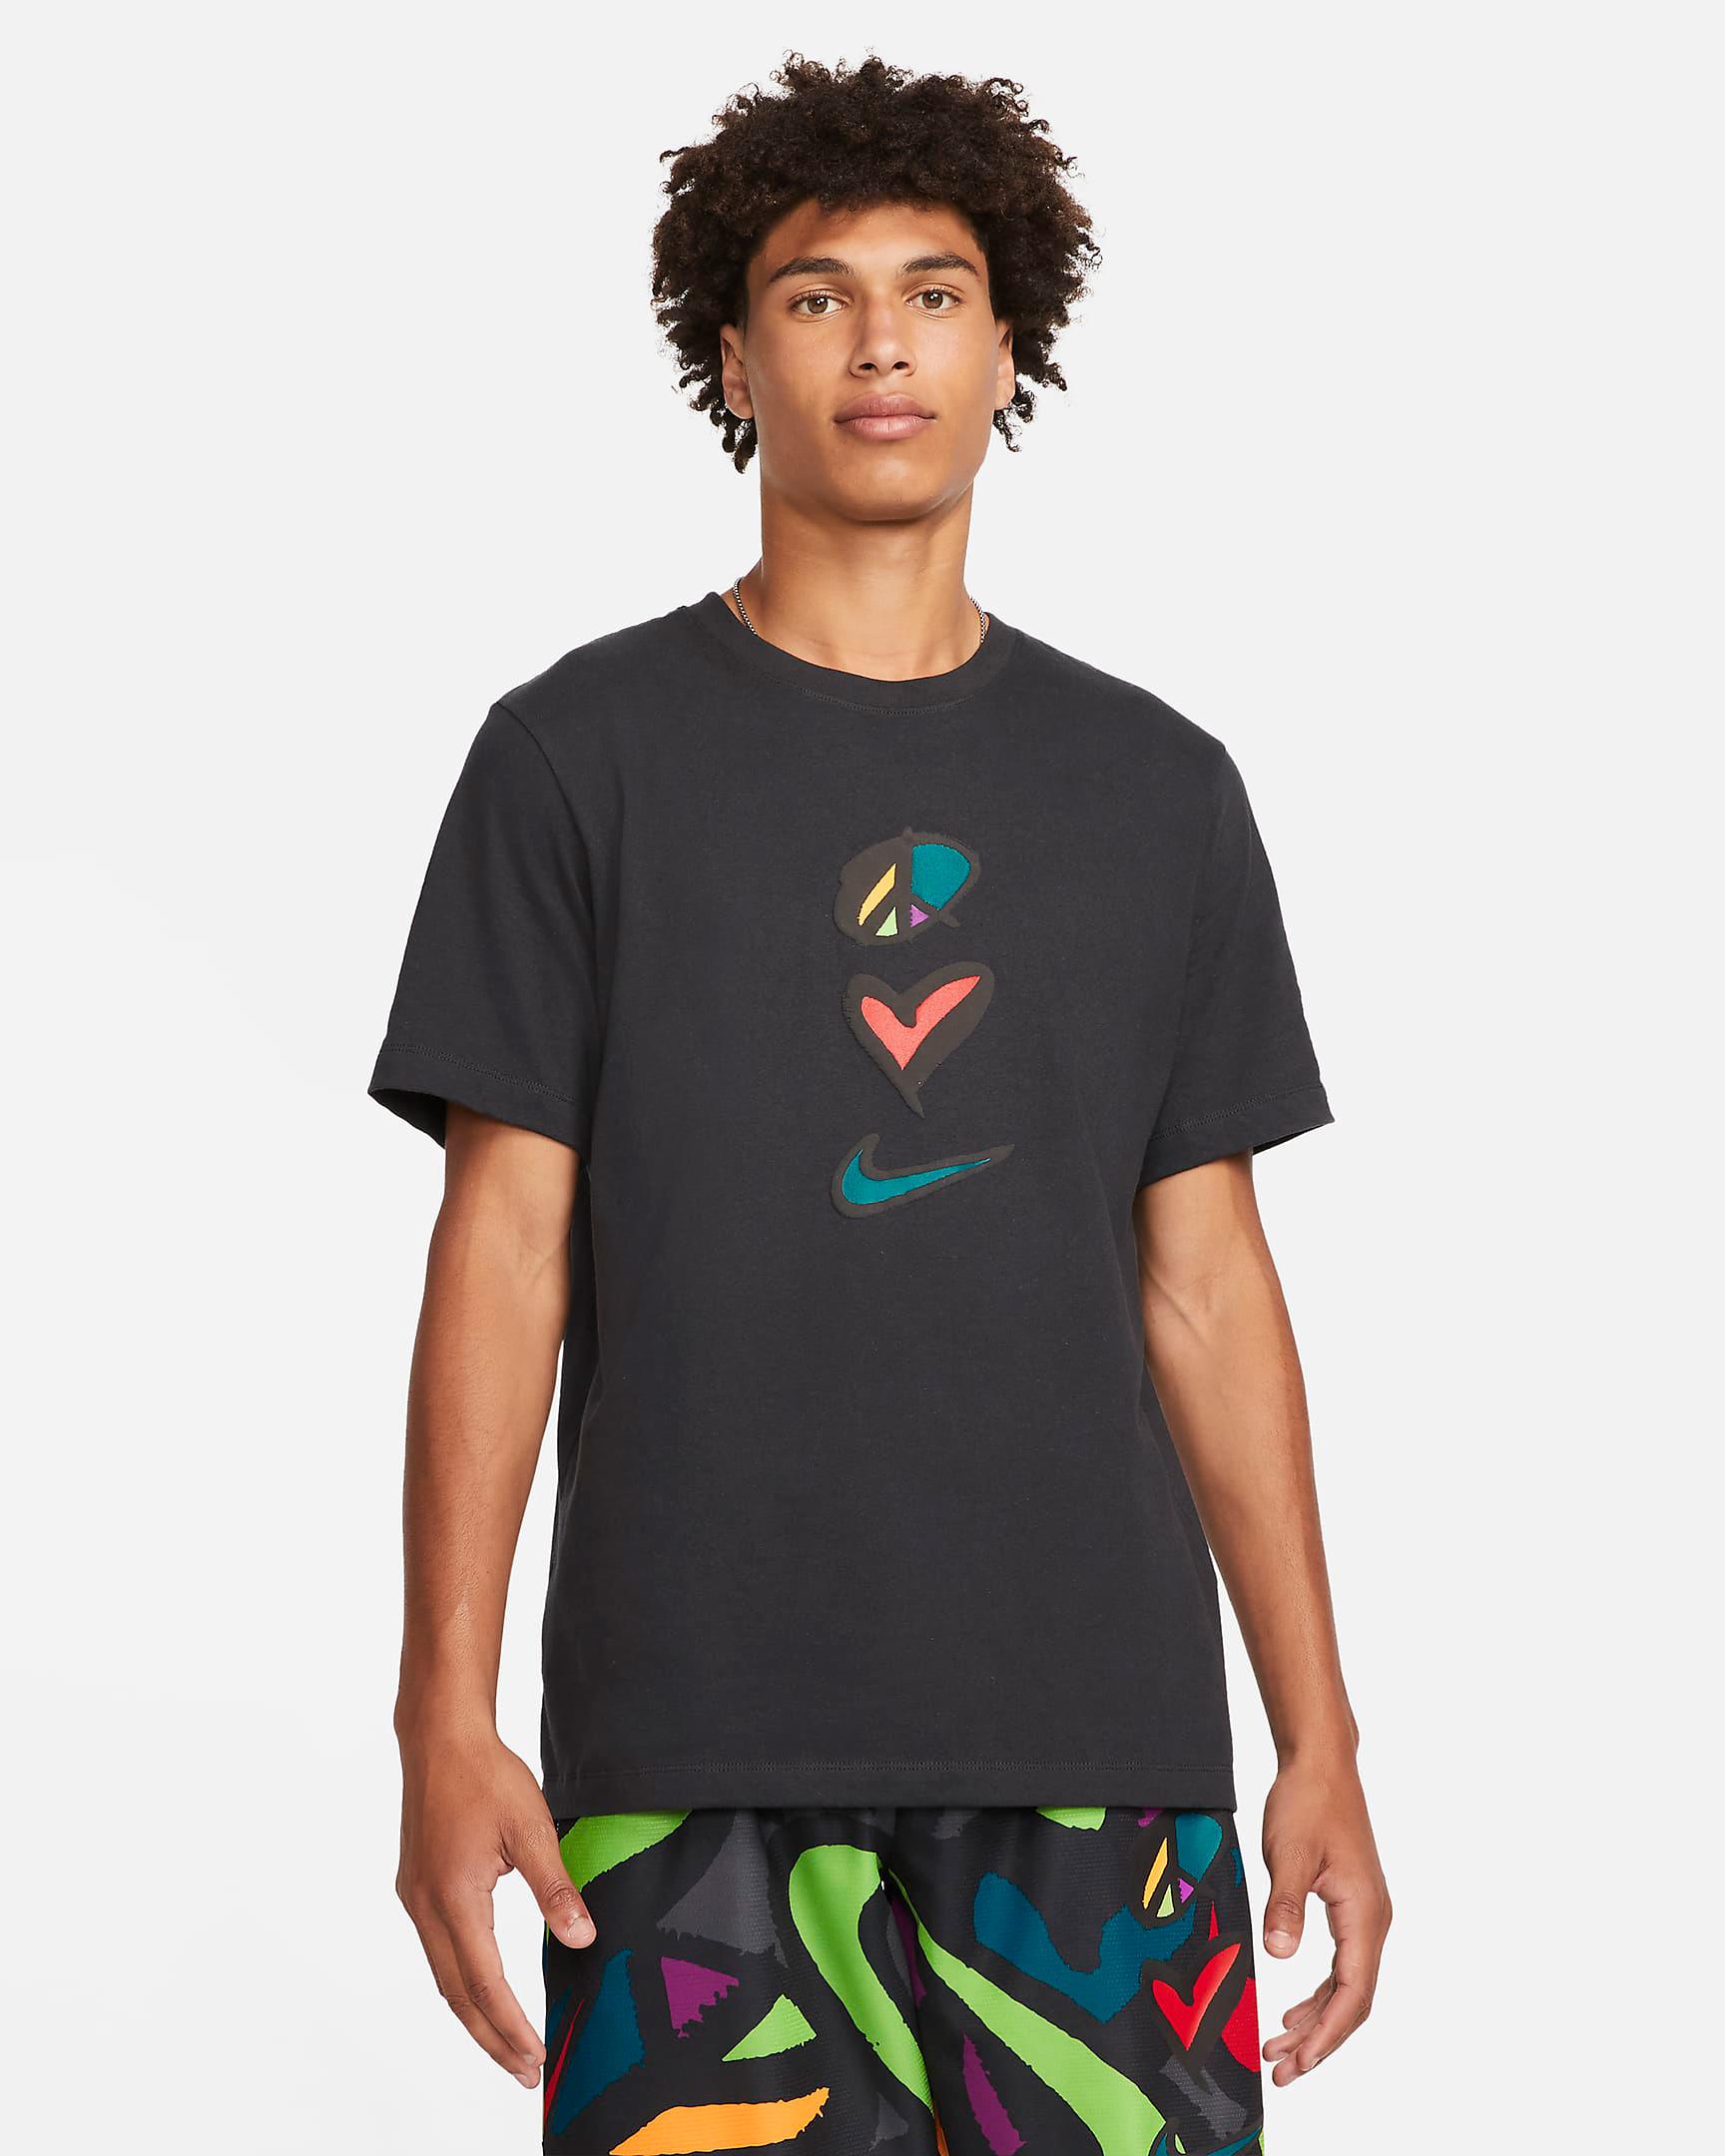 nike-peace-love-swoosh-black-t-shirt-1